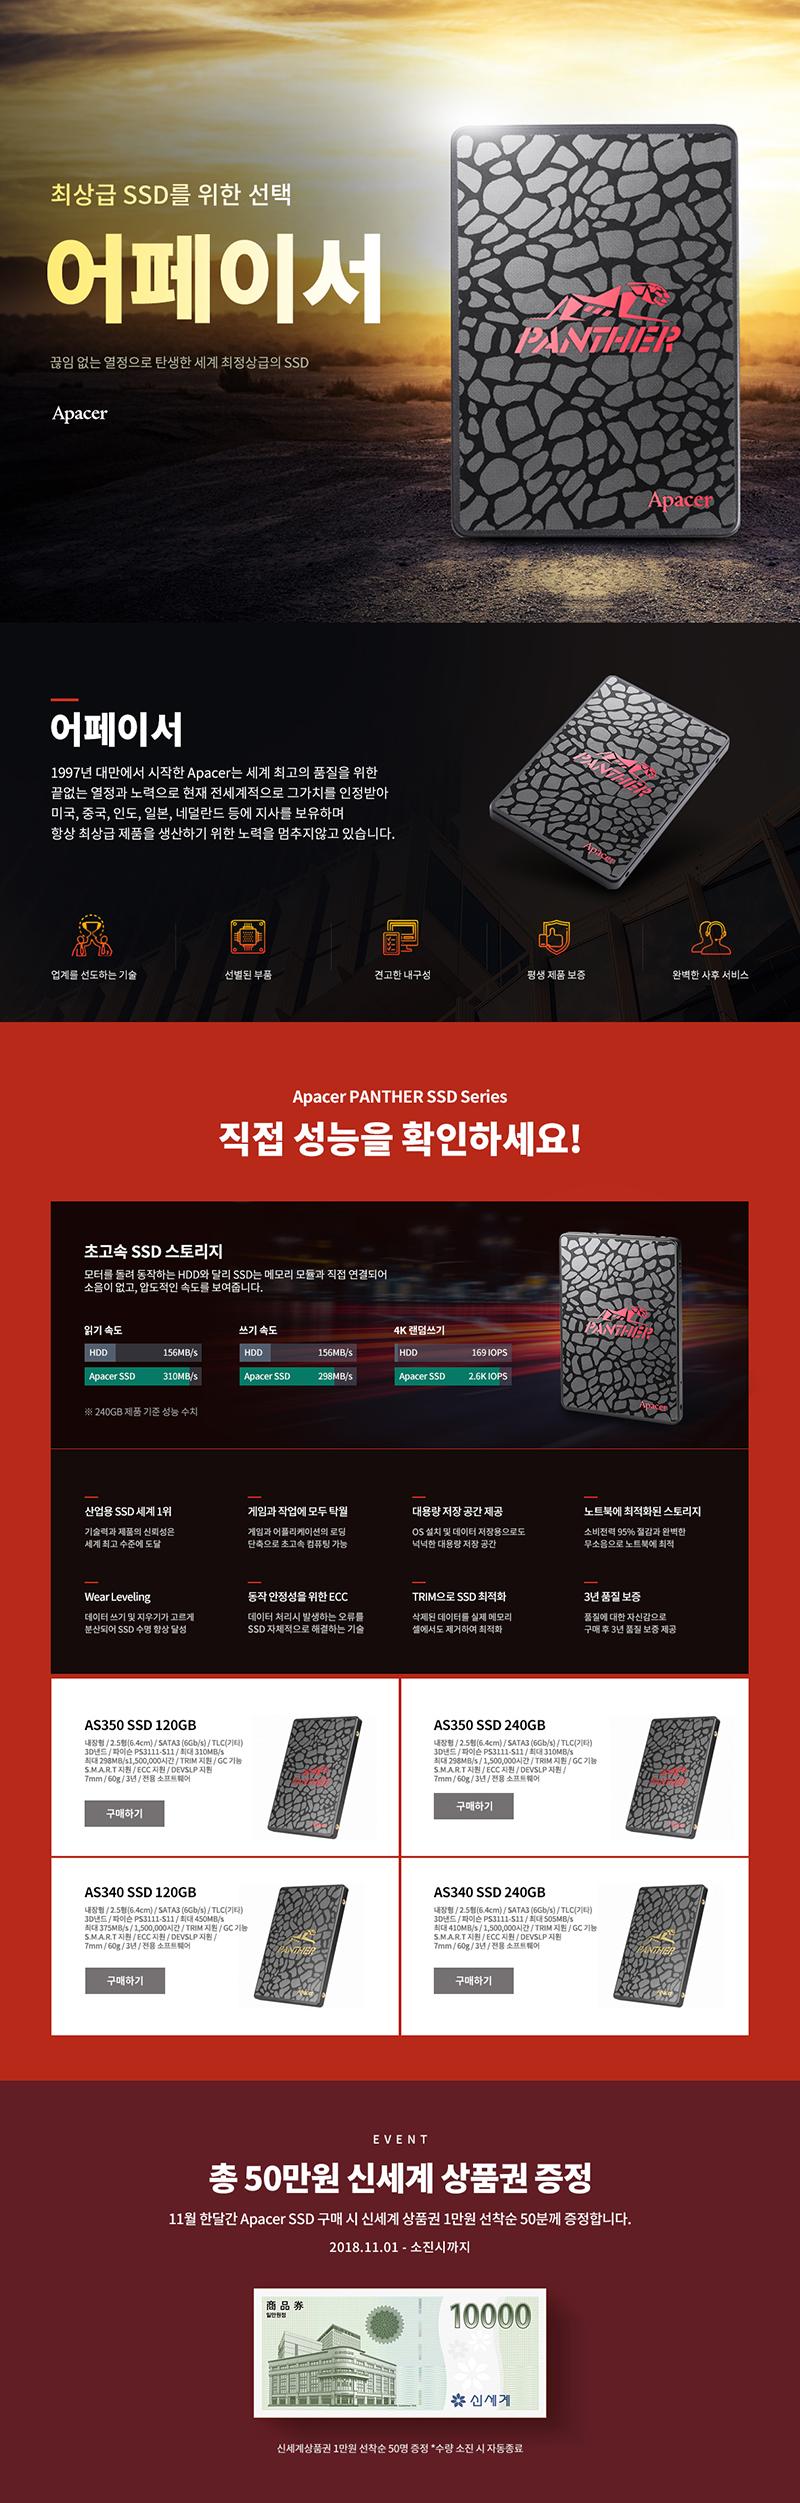 어페이서, 아이코다와 함께하는 팬서 SSD 구매자 대상 신세계 상품권 증정 이벤트!!